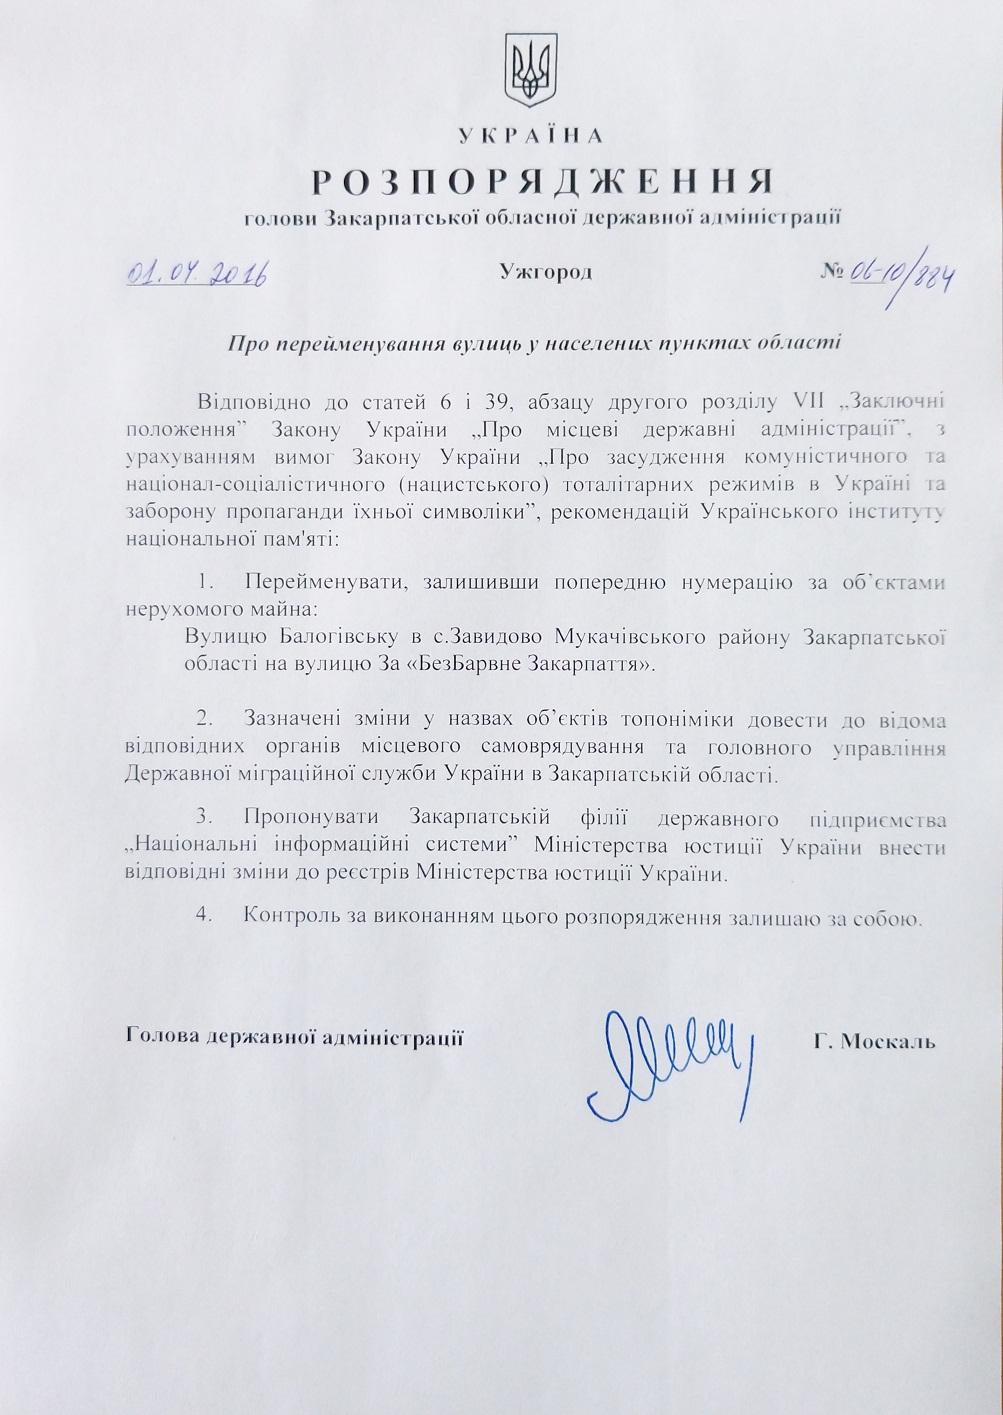 Москаль перейменував вулицю Балогівську в Завидові на вулицю «За «БезБарвне Закарпаття» (ДОКУМЕНТ)